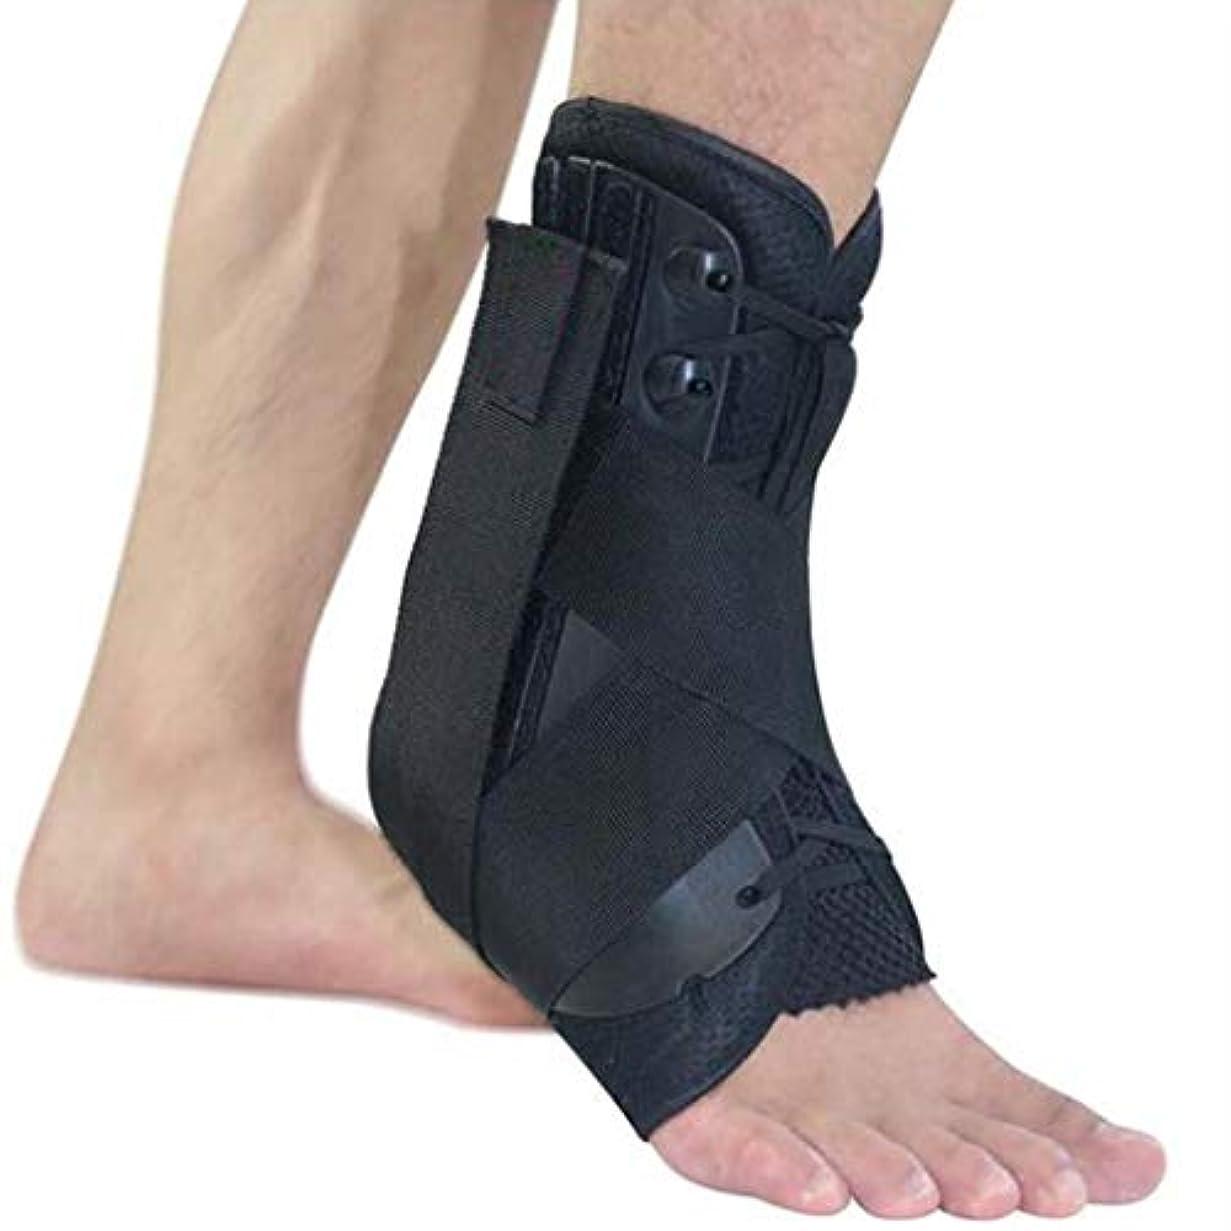 不適カップル狂う筋膜炎かかとの痛み、手術後のアキレス腱気道足首骨折治療フィックスサポートツール (Size : L)